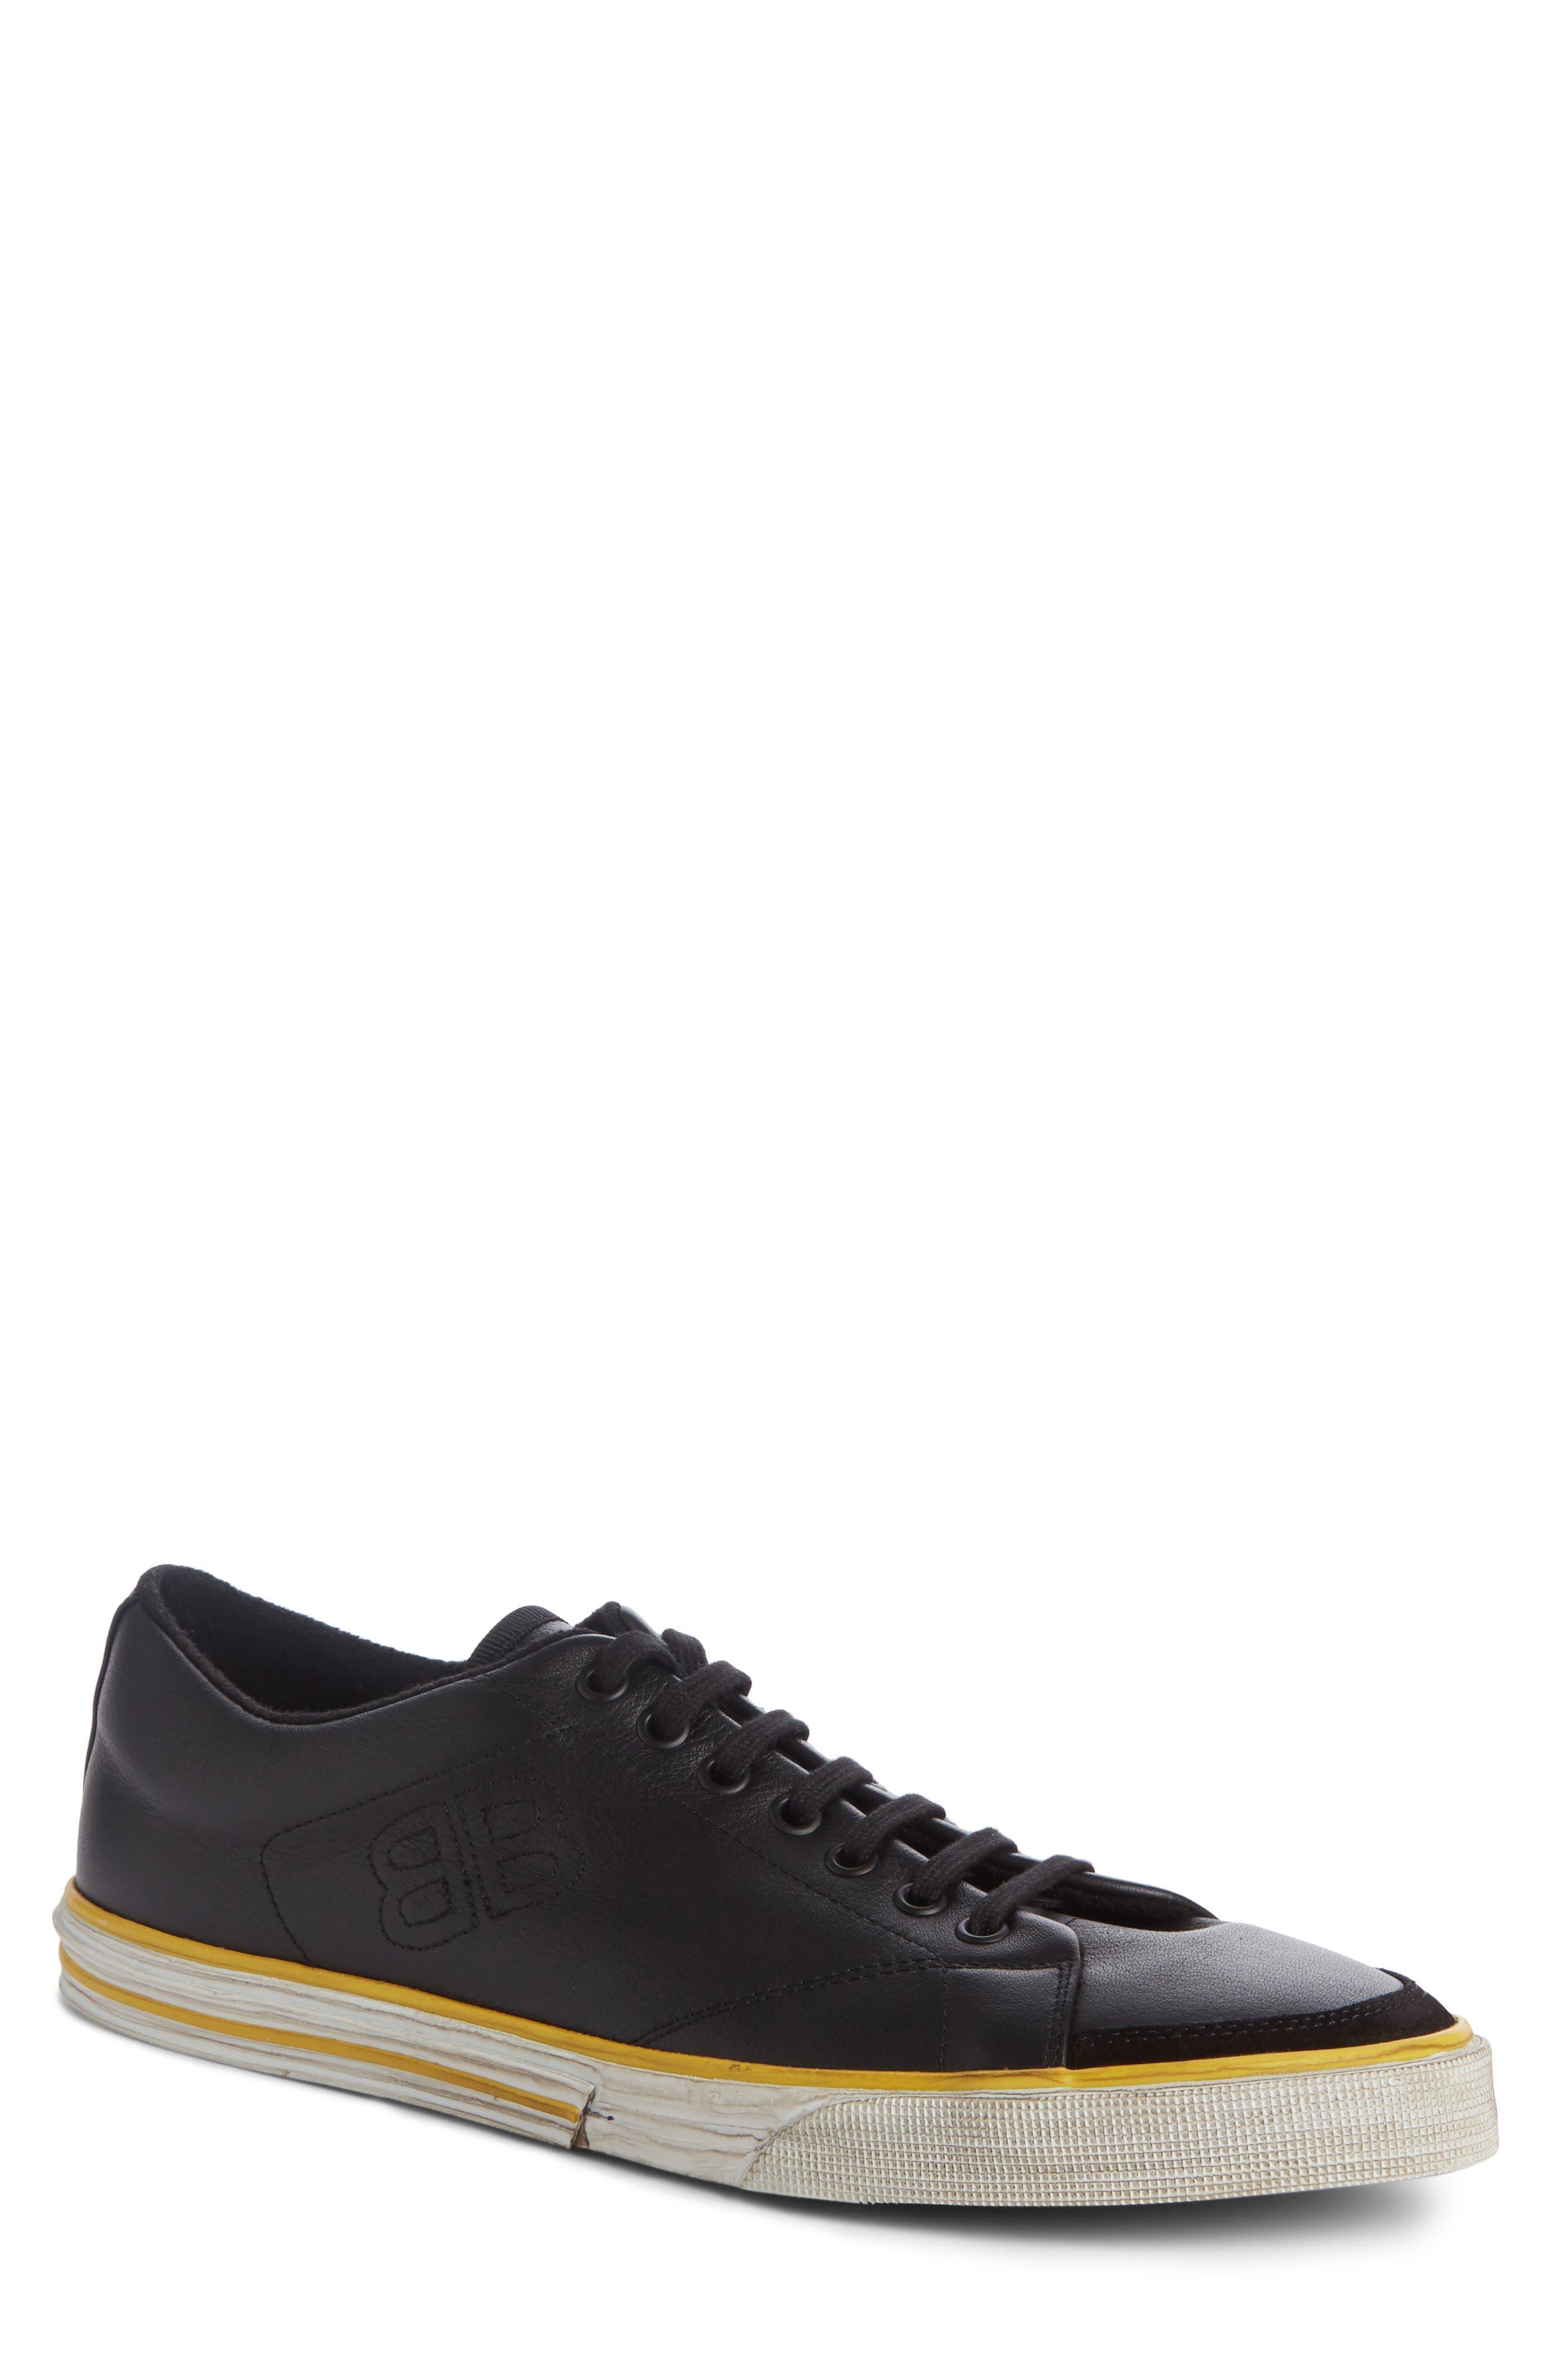 Main Image - Balenciaga Logo Sole Sneaker (Men)